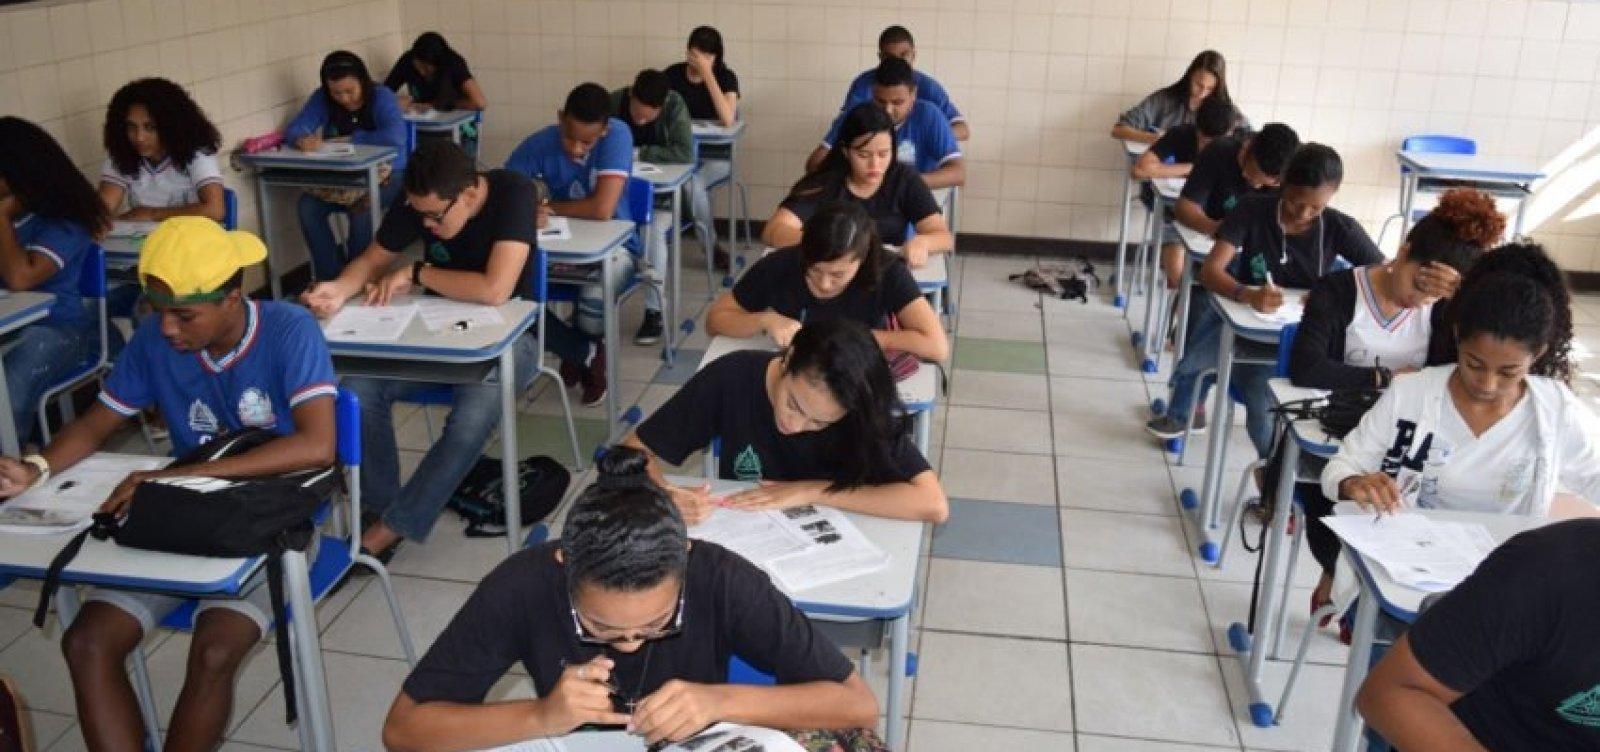 [Governo da Bahia prorroga suspensão de aulas até 17 de dezembro]